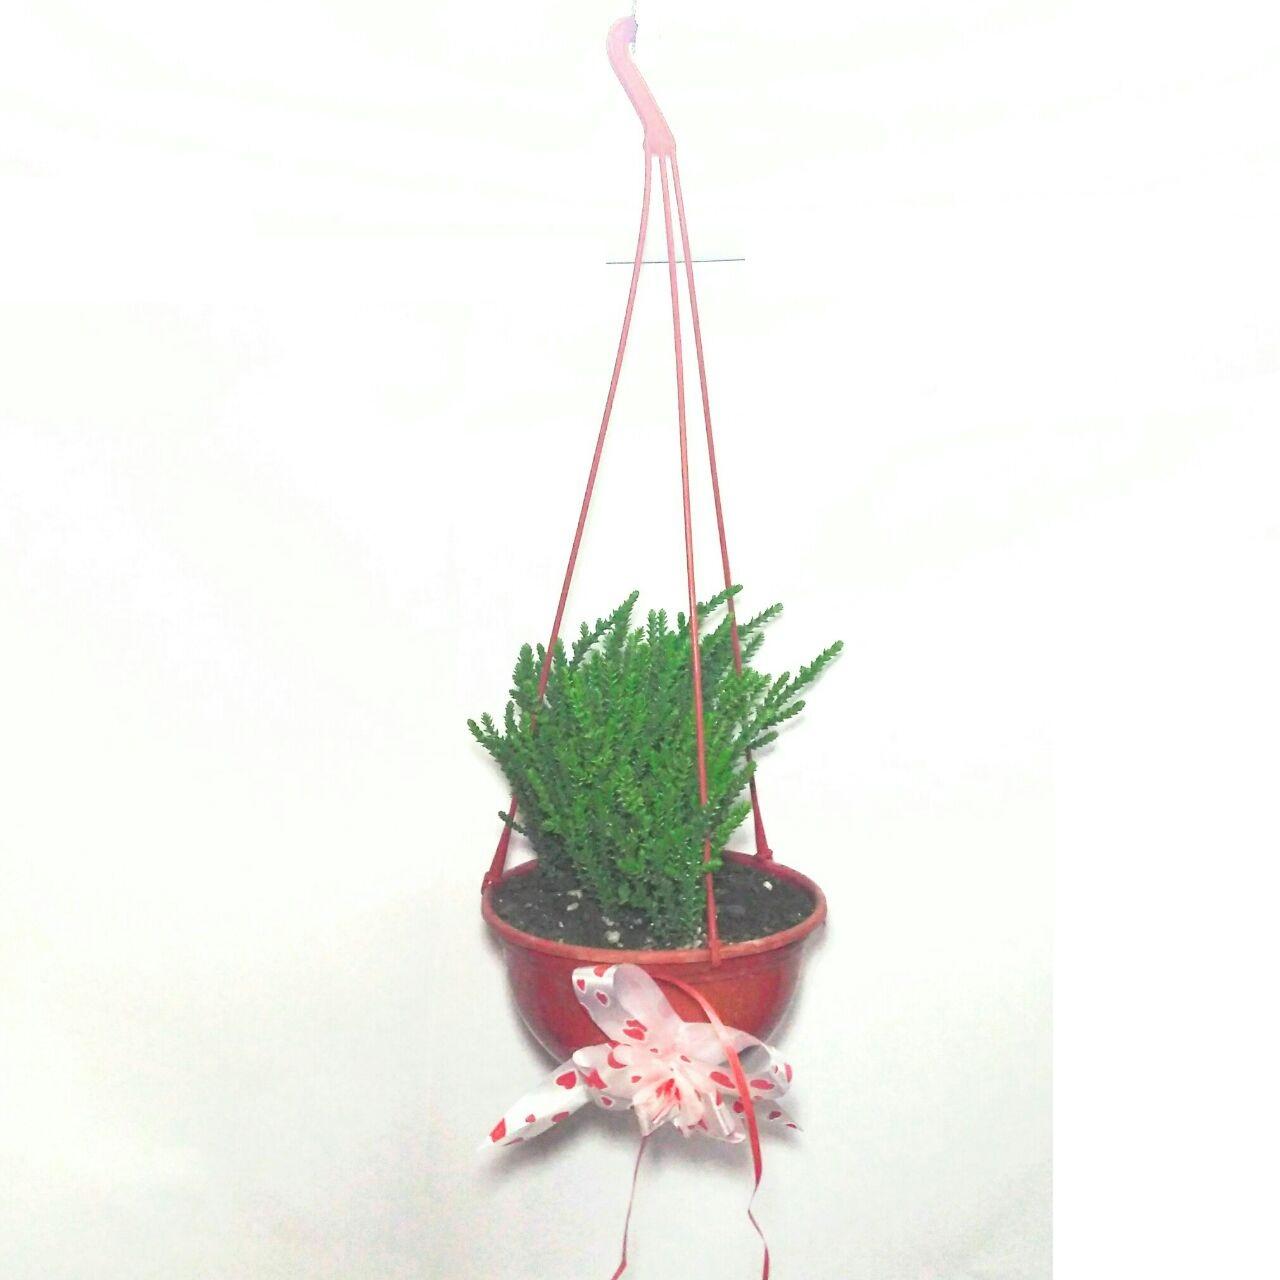 plantas colgantes suculentas abanico bazar - Plantas Colgantes